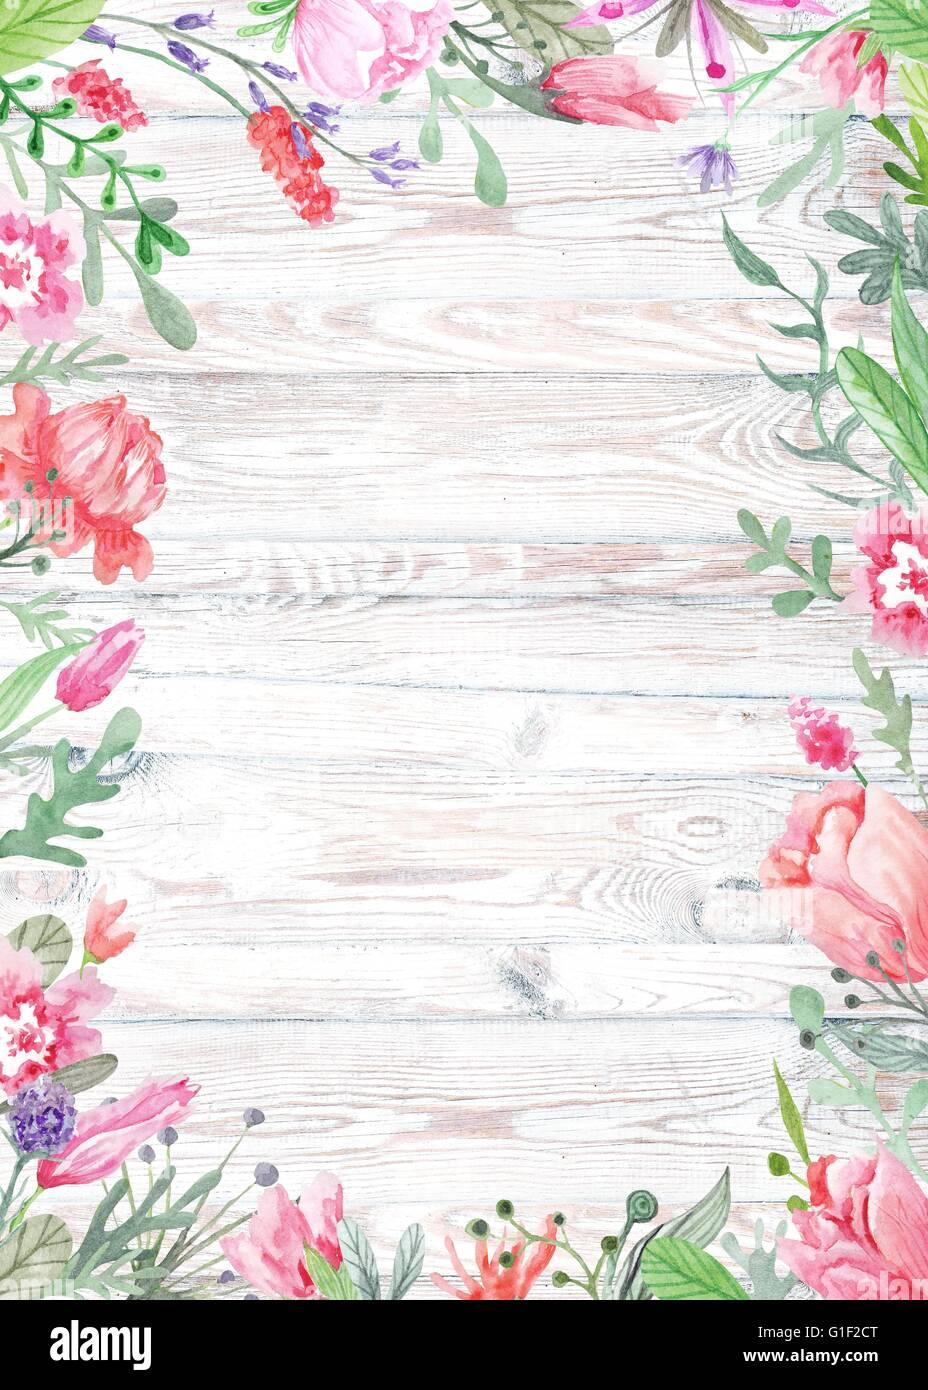 Shabby Chic Vintage Kartenvorlage Für Hochzeit, Sommer Event Einladung,  Menü, Tischkarte Mit Wiesenblumen Und Kräuter